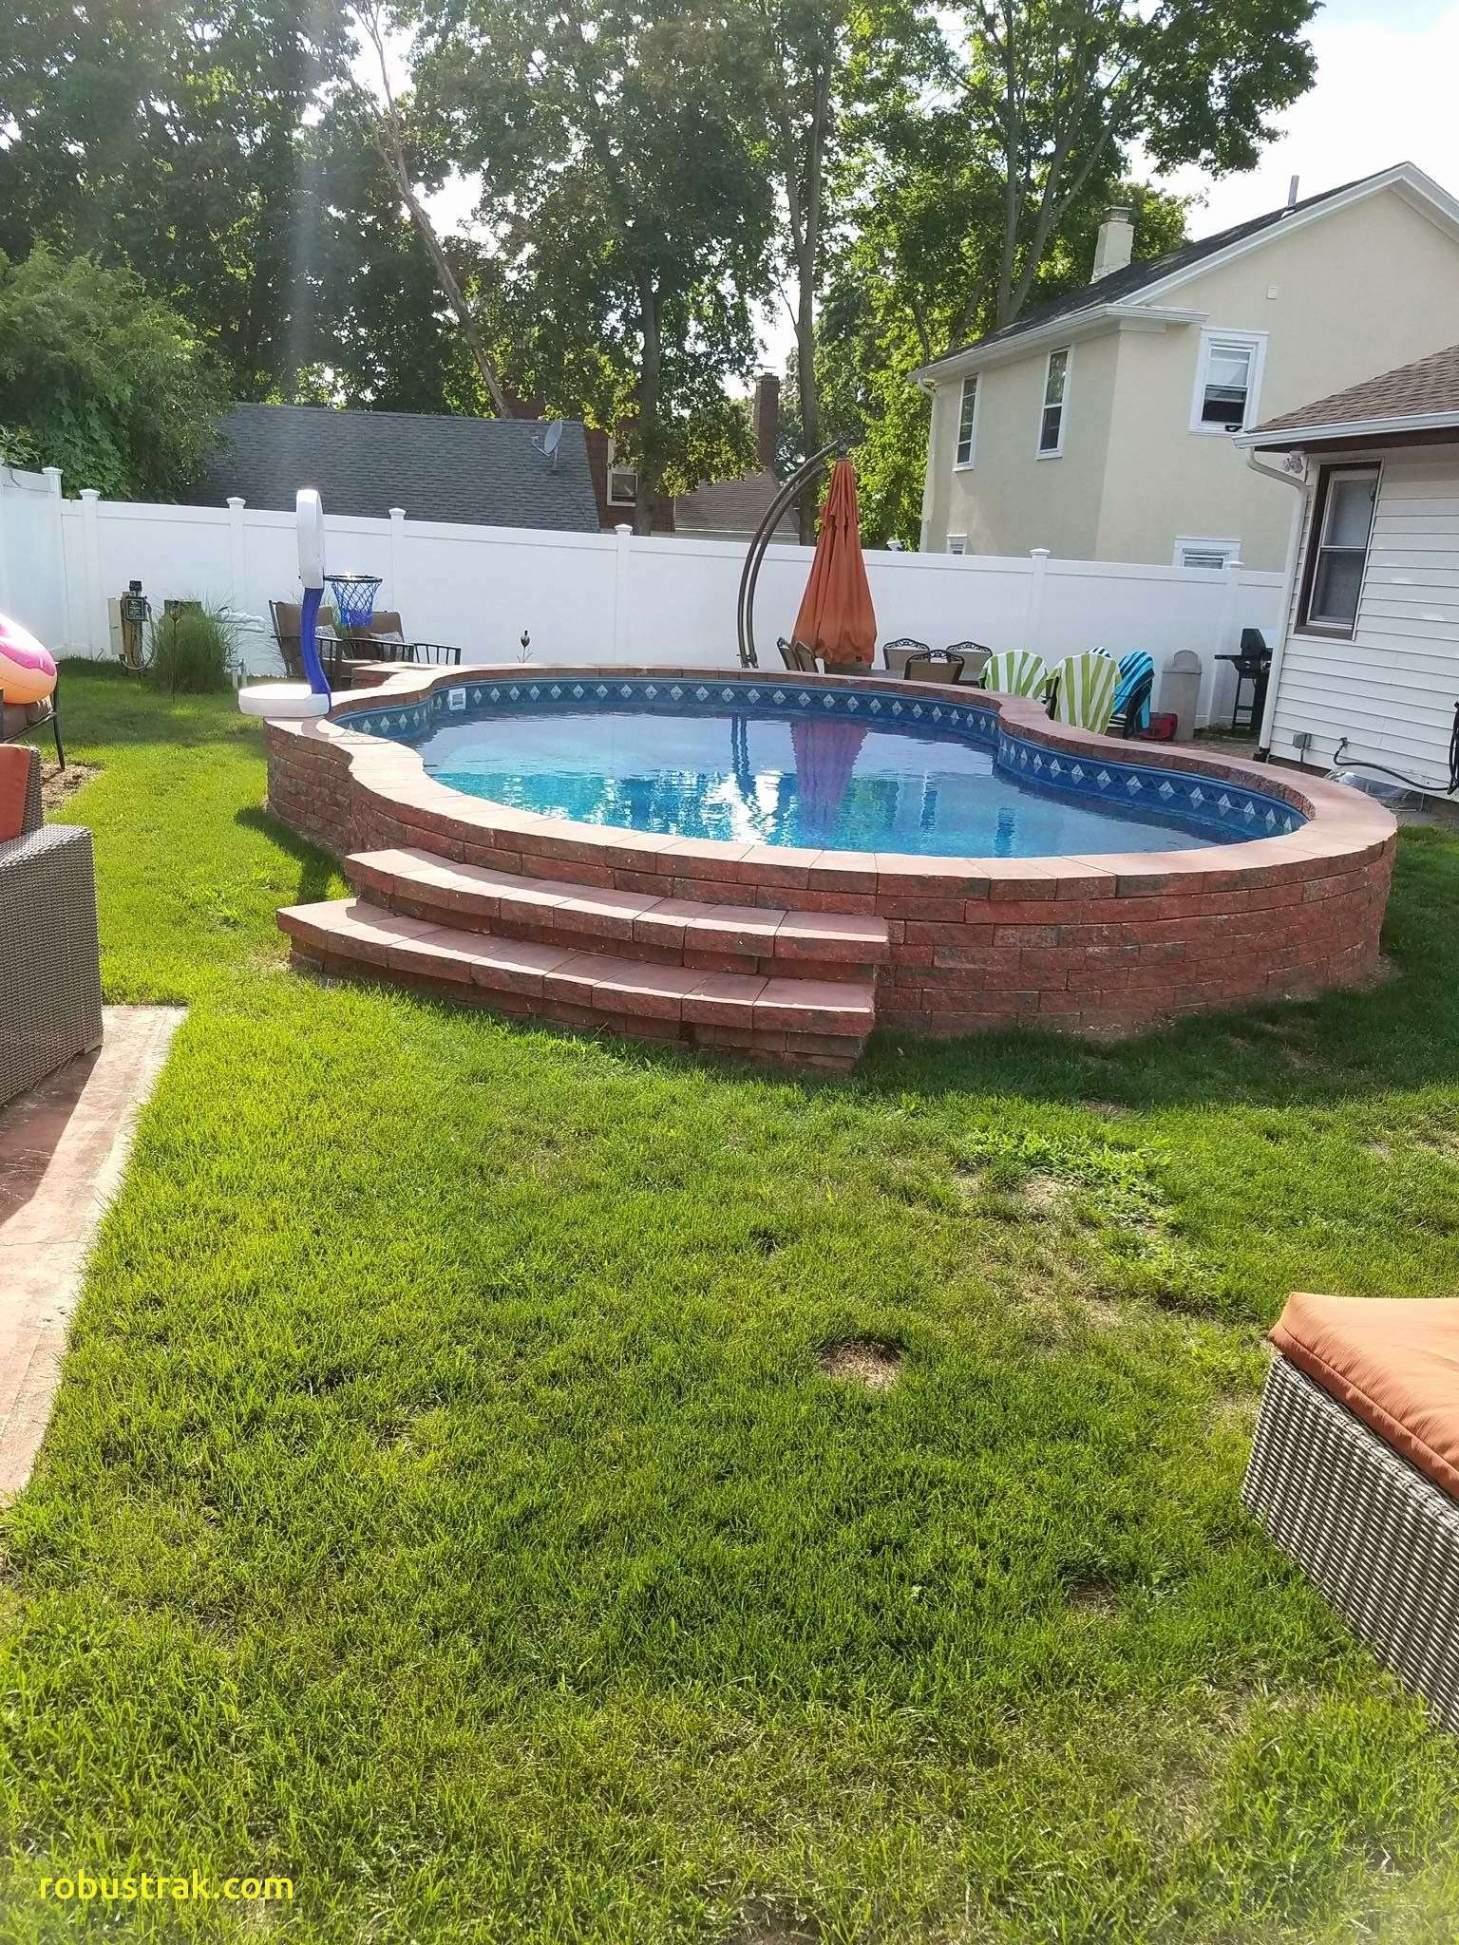 Wie Gestalte Ich Meinen Garten Mit Pool Best Of 38 Schön Swimmingpool Garten Neu